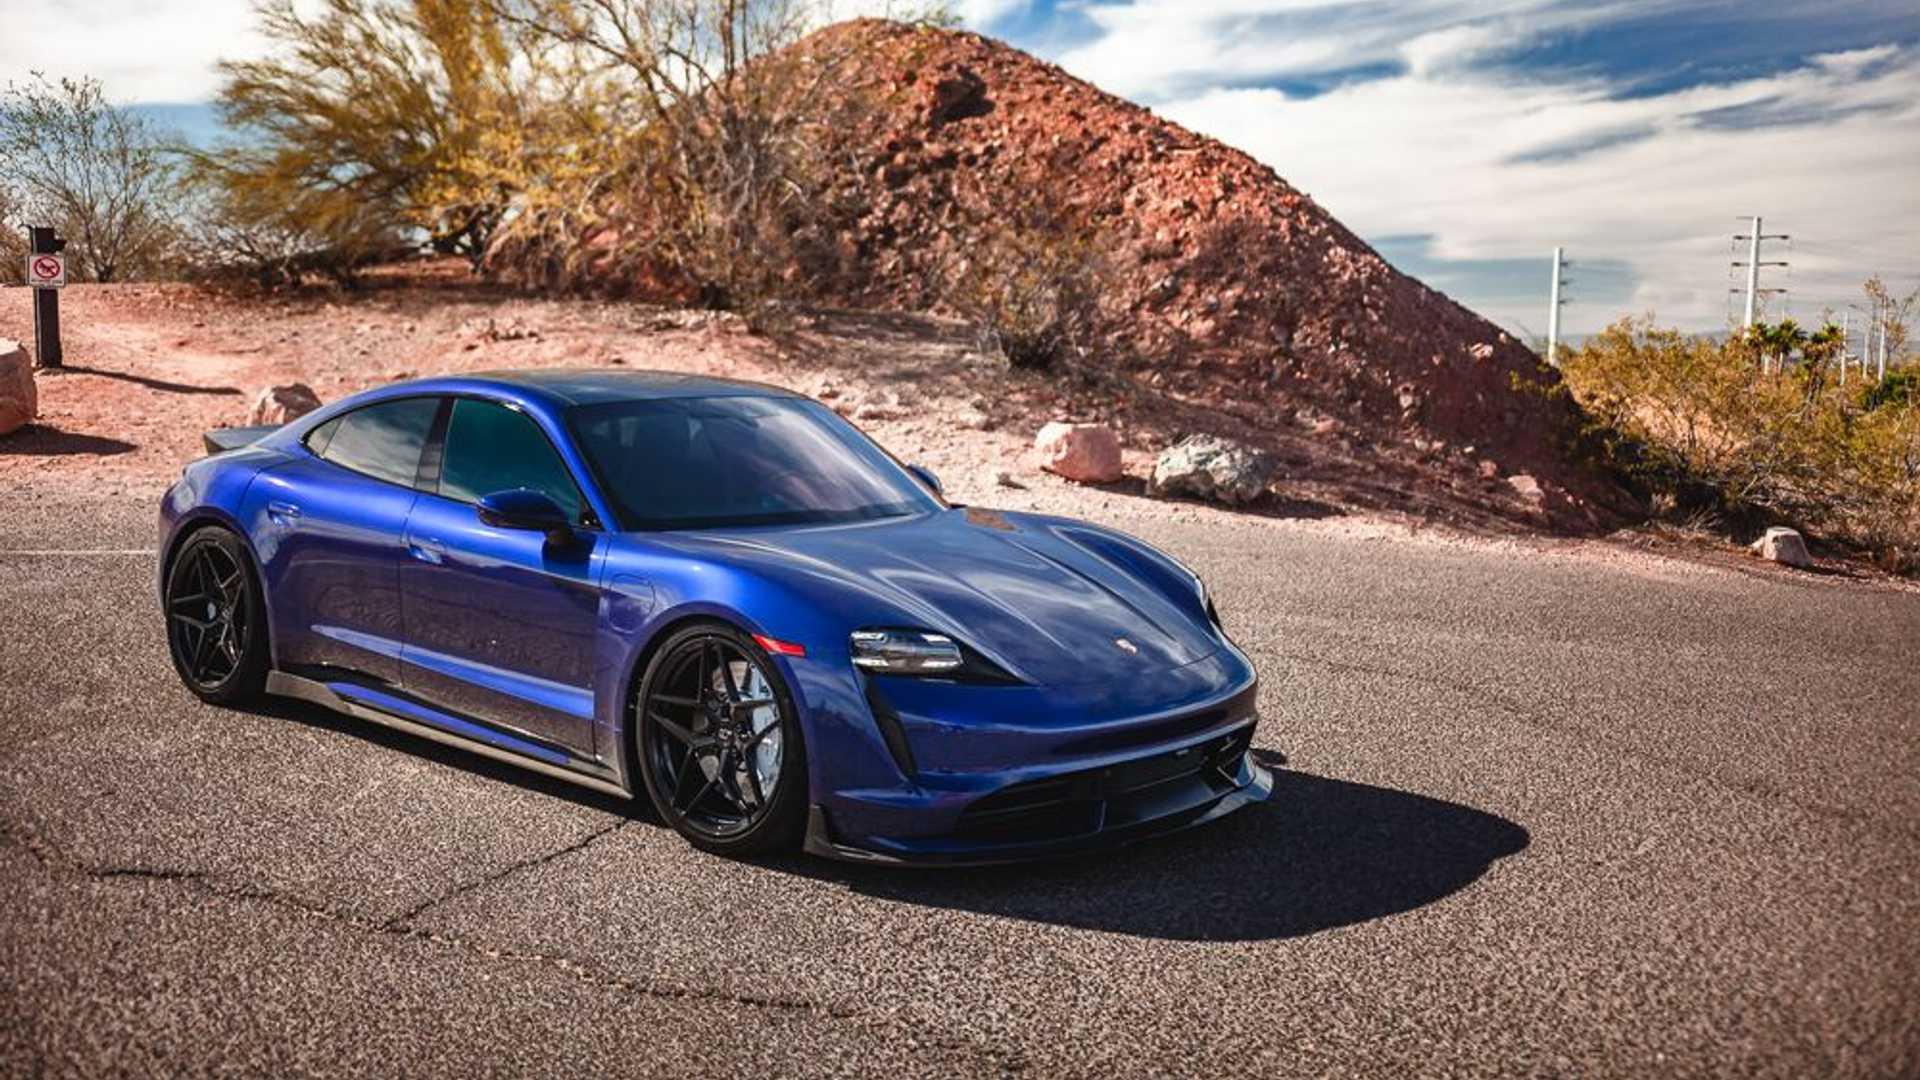 Porsche-Taycan-by-Vivid-Racing-2